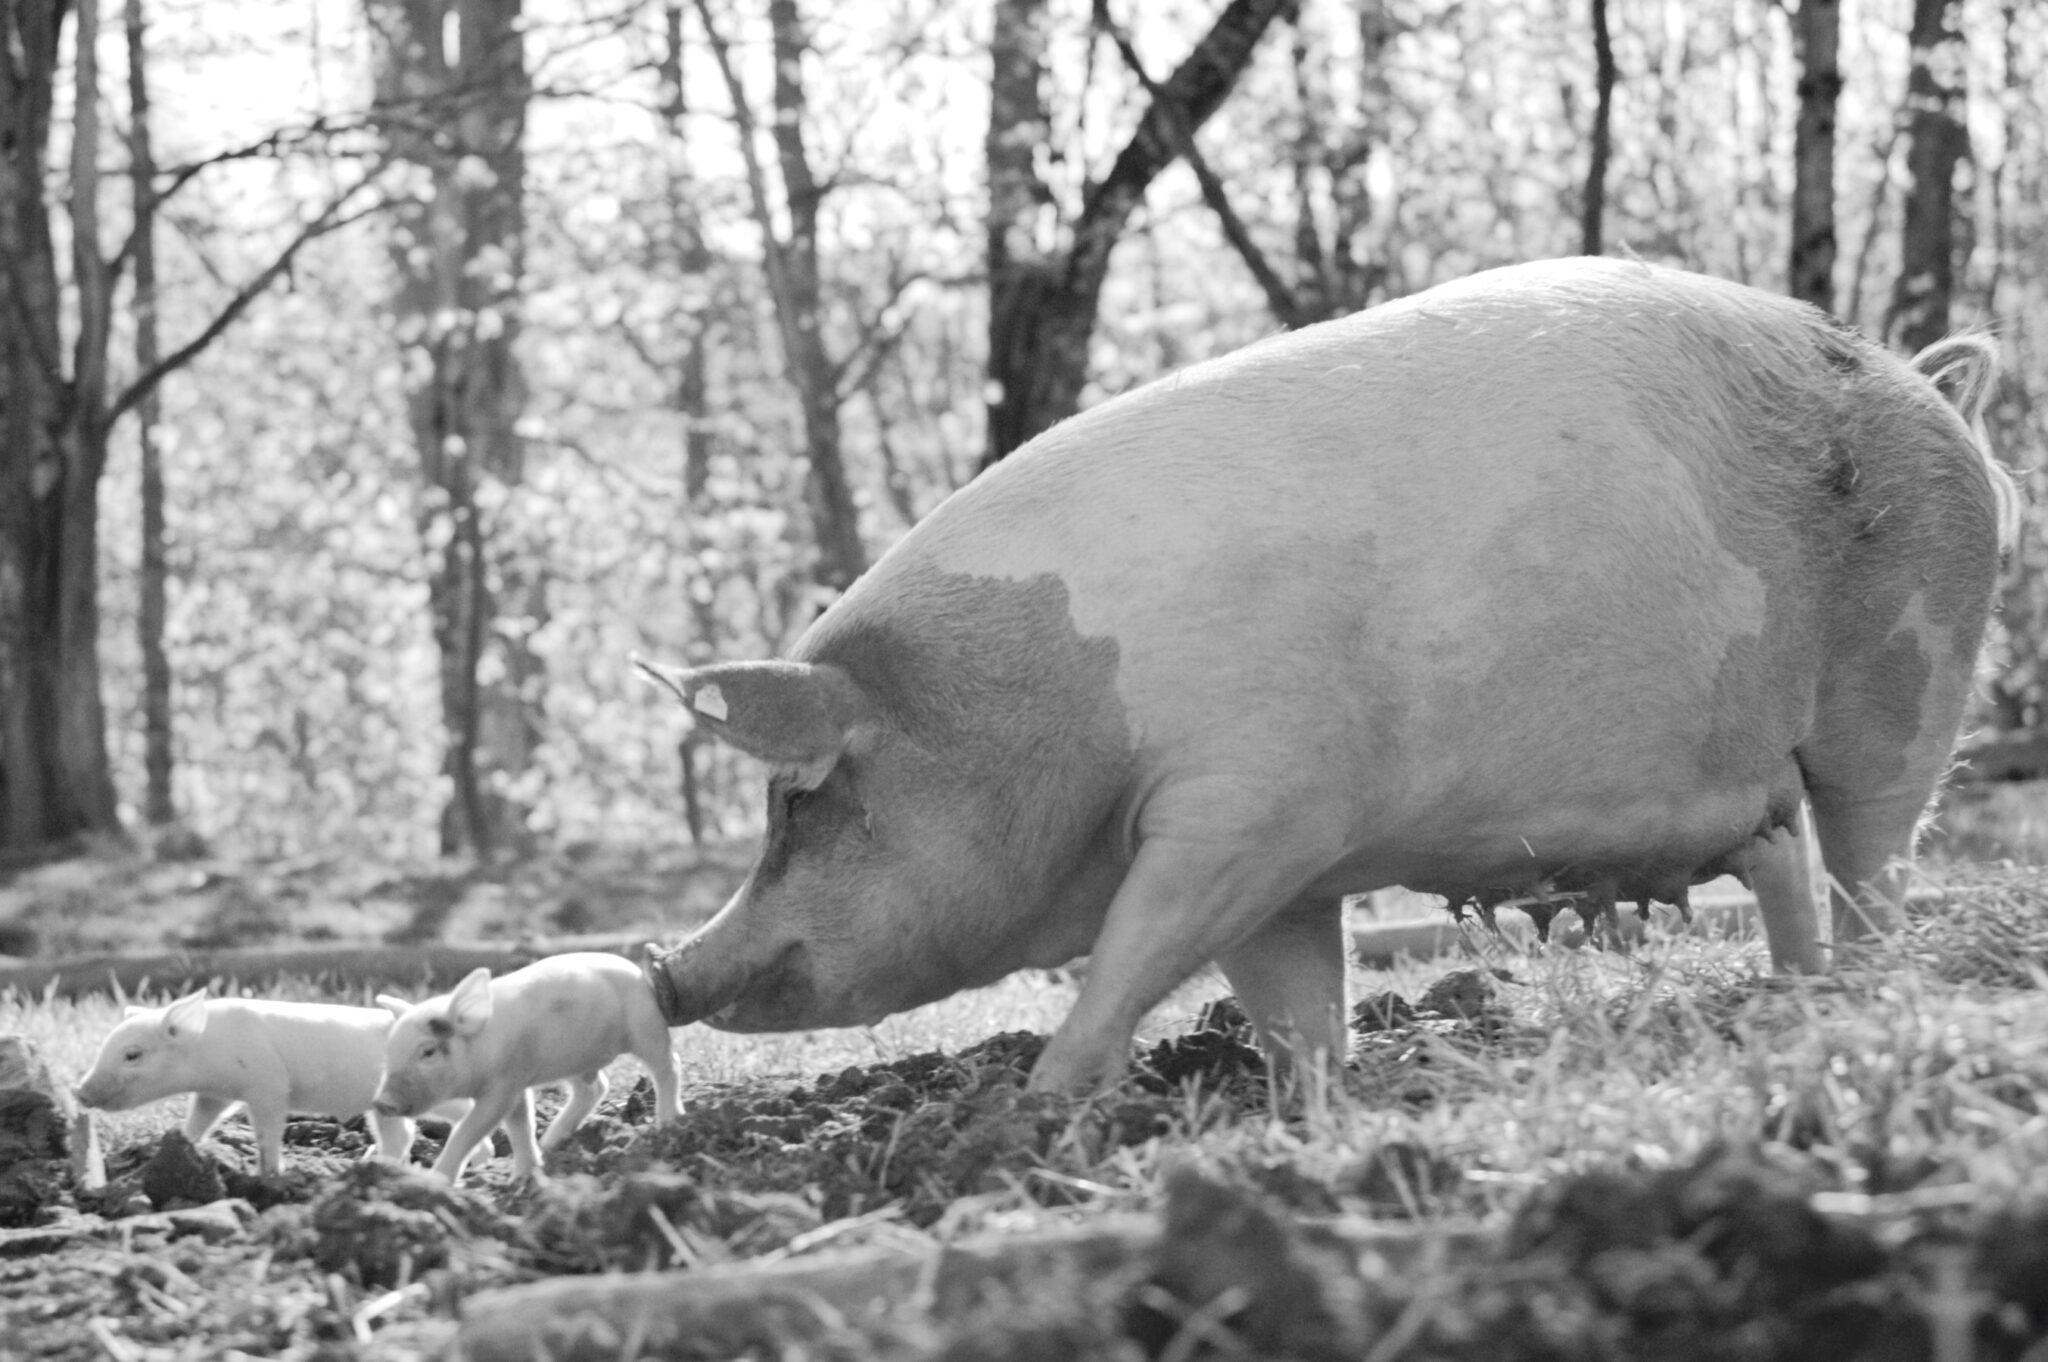 Gunda, el documental sobre los cerdos producido por Joaquin Phoenix, ya está disponible